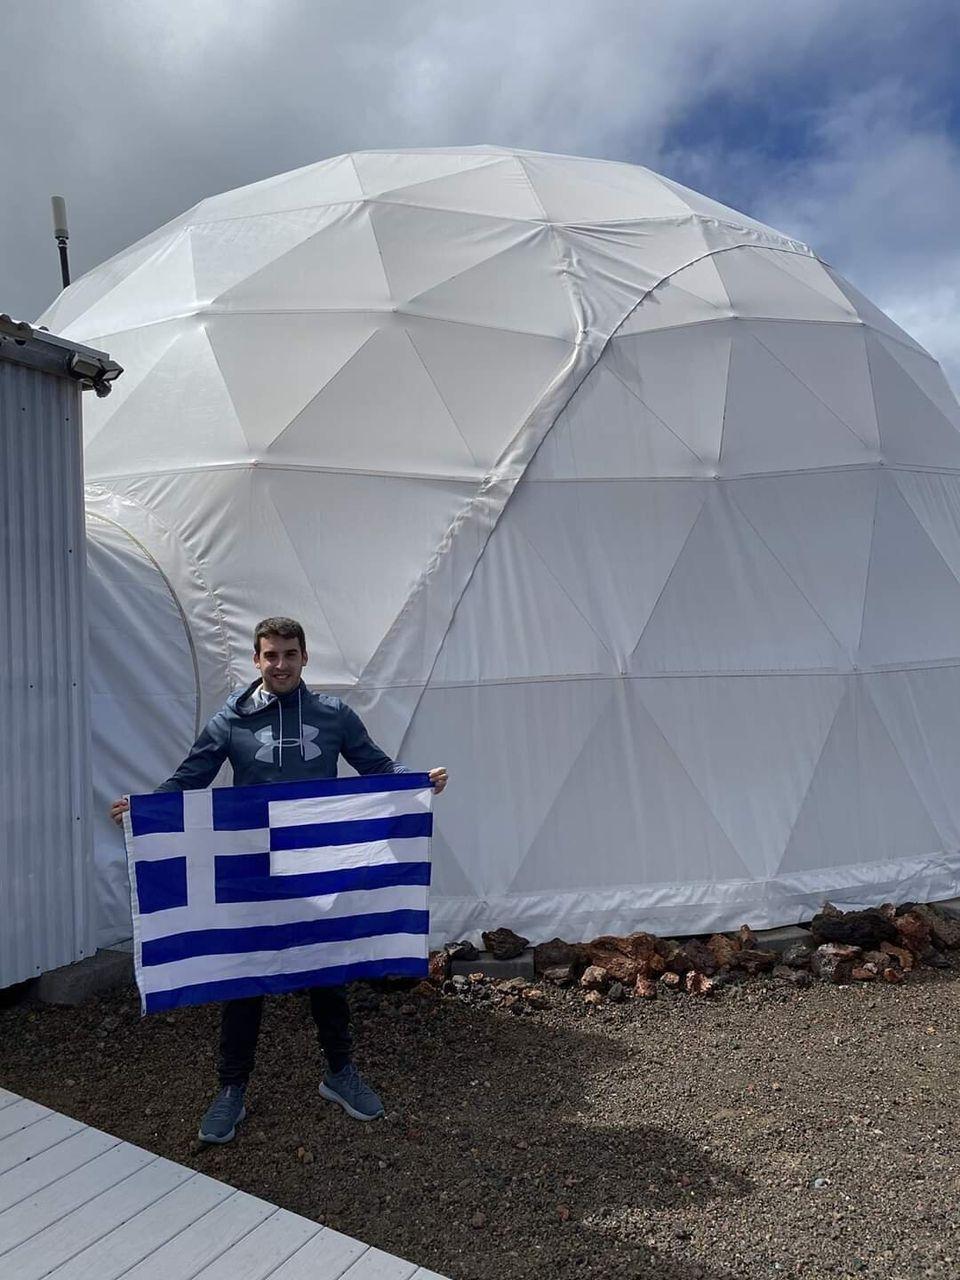 Ο Έλληνας εκπαιδευόμενος αστροναύτης σε αποστολή προσομοίωσης του Ευρωπαϊκού Διαστημικού